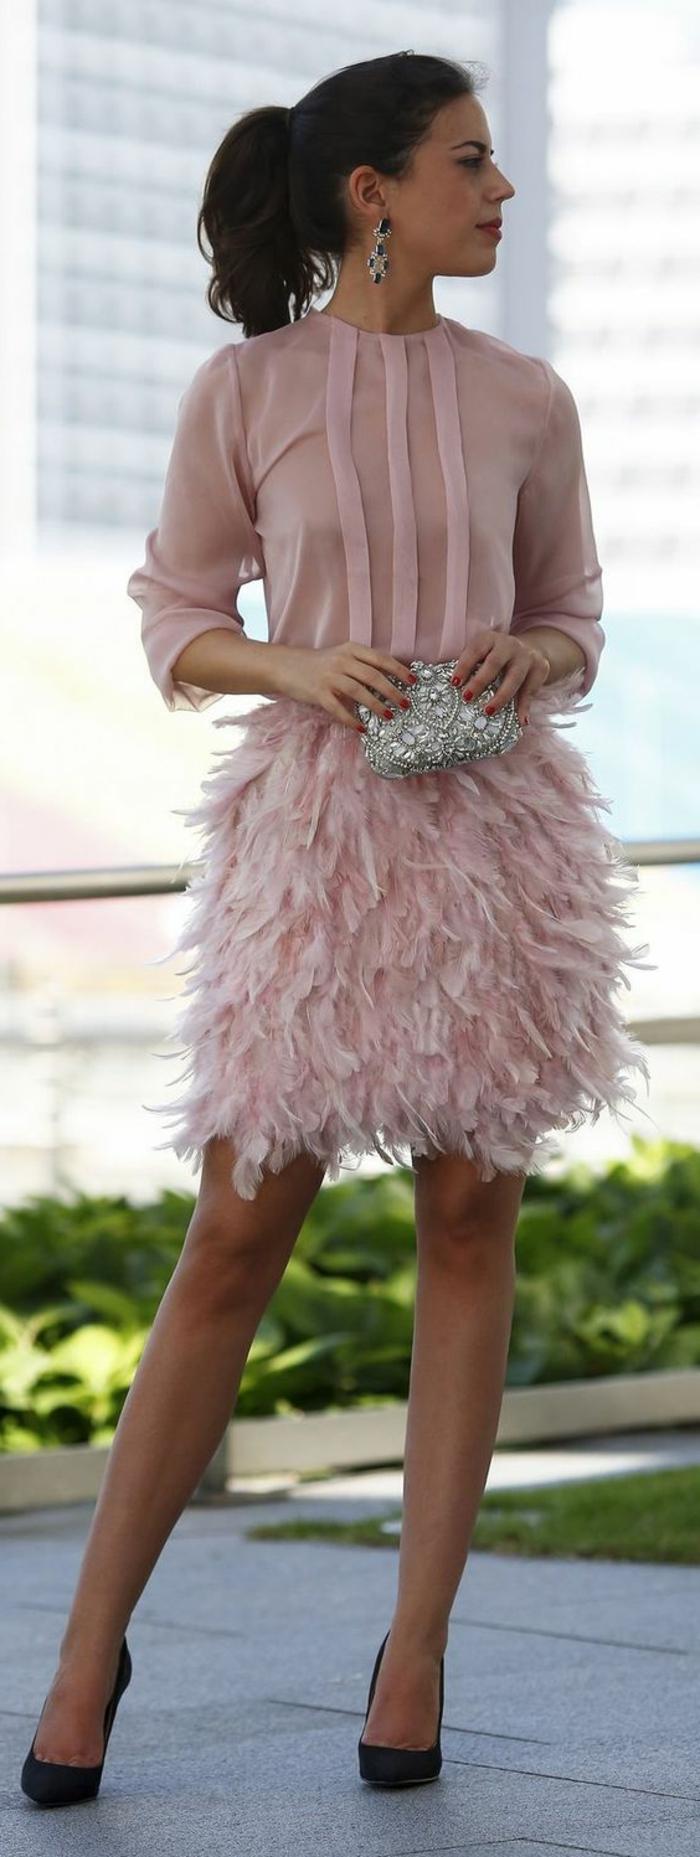 robe de soirée pas cher en rose poudré, jupe avec des plumes et blouse semi-transparente, avec des manches 3/4, pochette micro en strass blanc, escarpins noirs avec des talons aiguilles